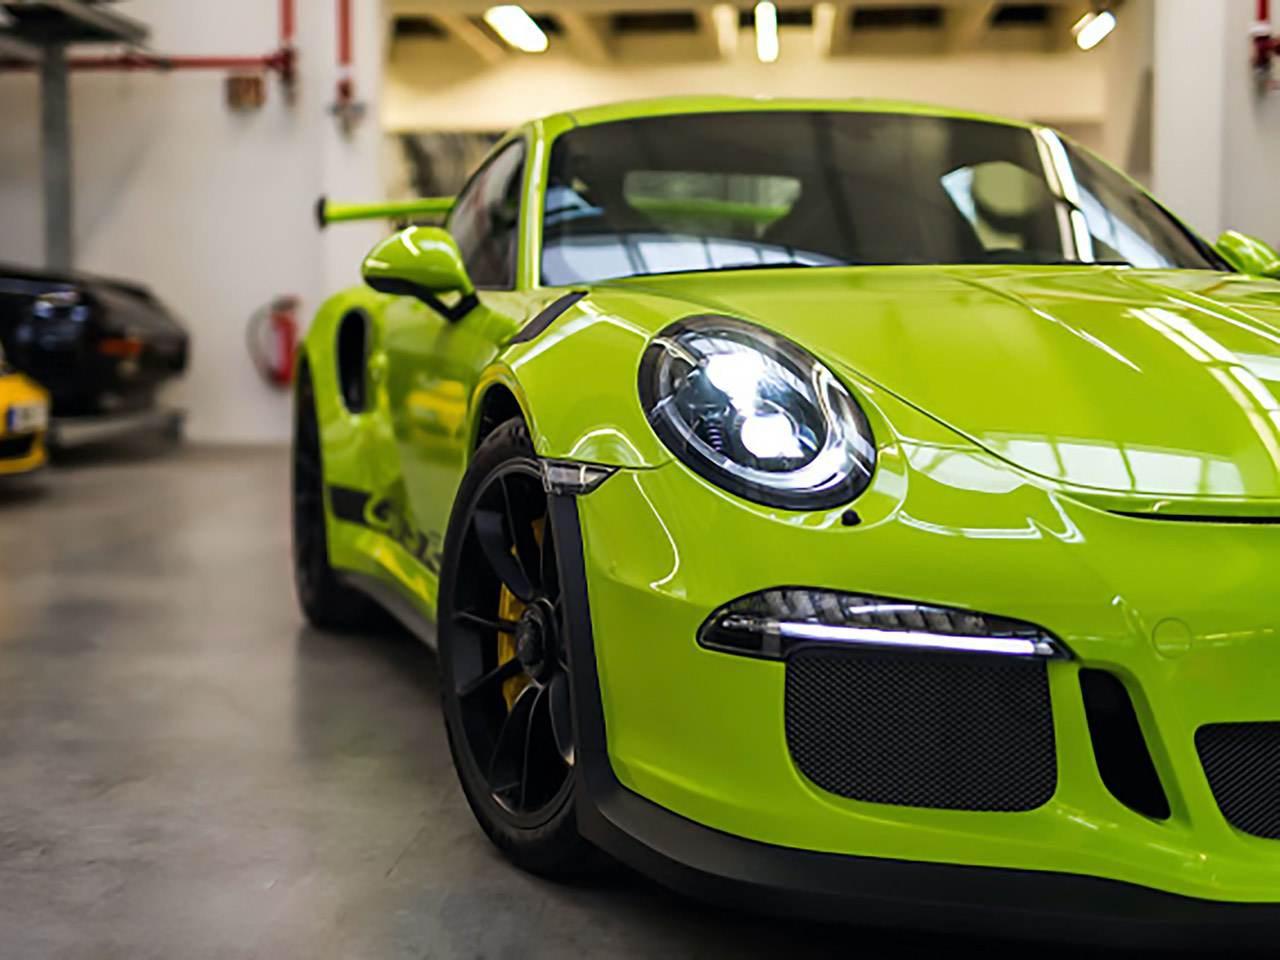 Porsche-911-991-GT3-RS-5